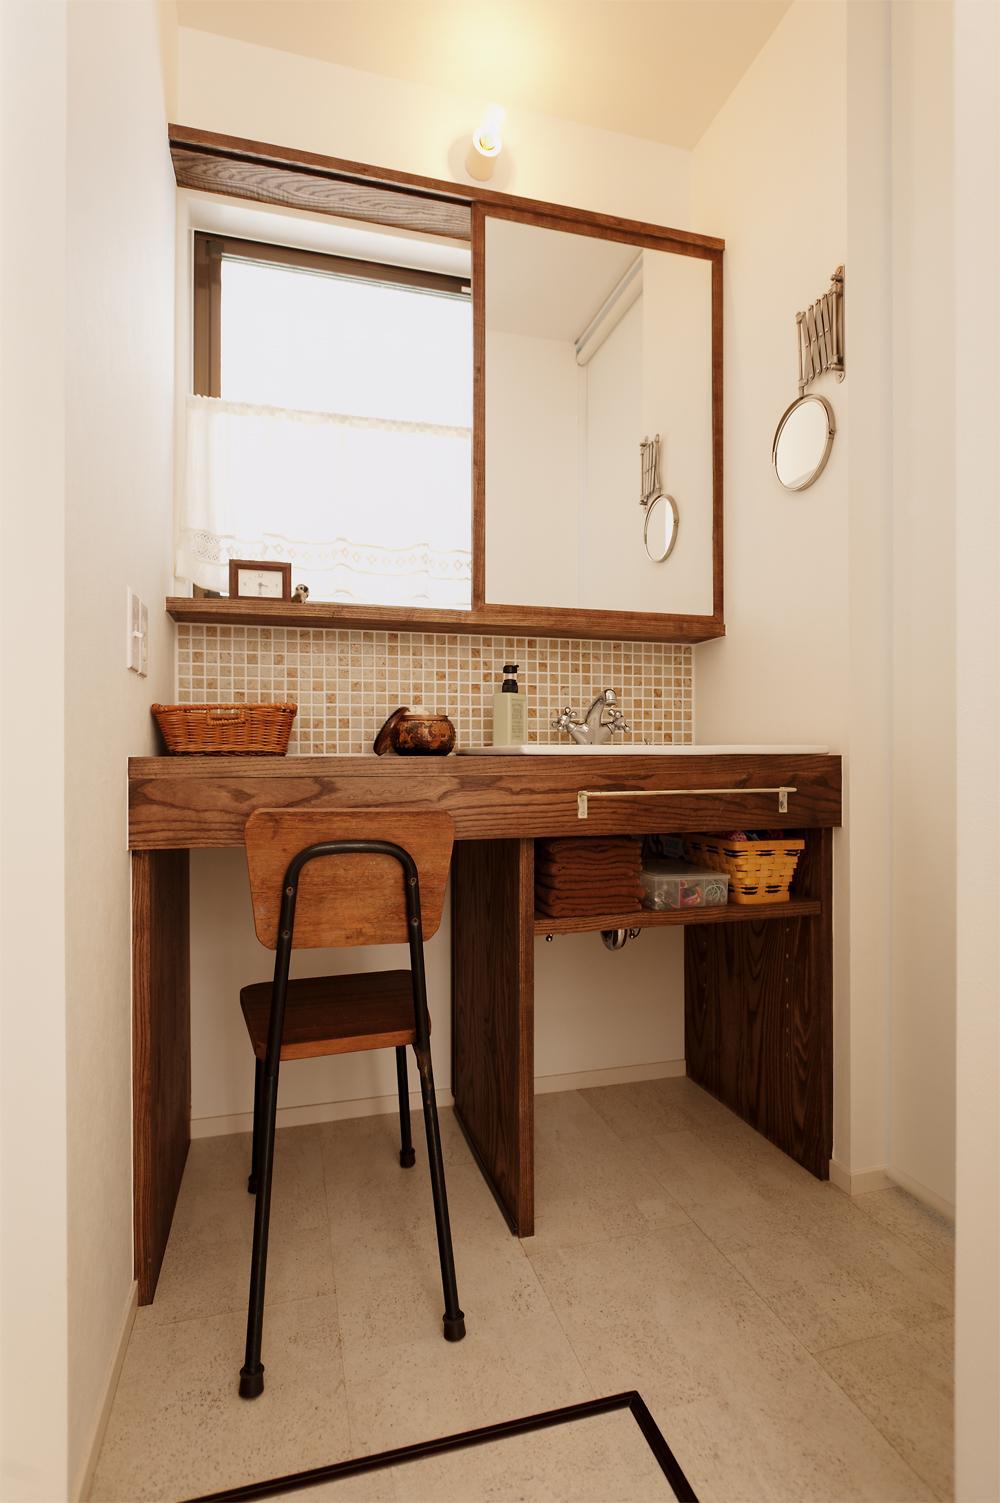 リノベーション・リフォーム会社:スタイル工房「T邸・家族のくらしをより楽しく豊かにするとっておきの家」